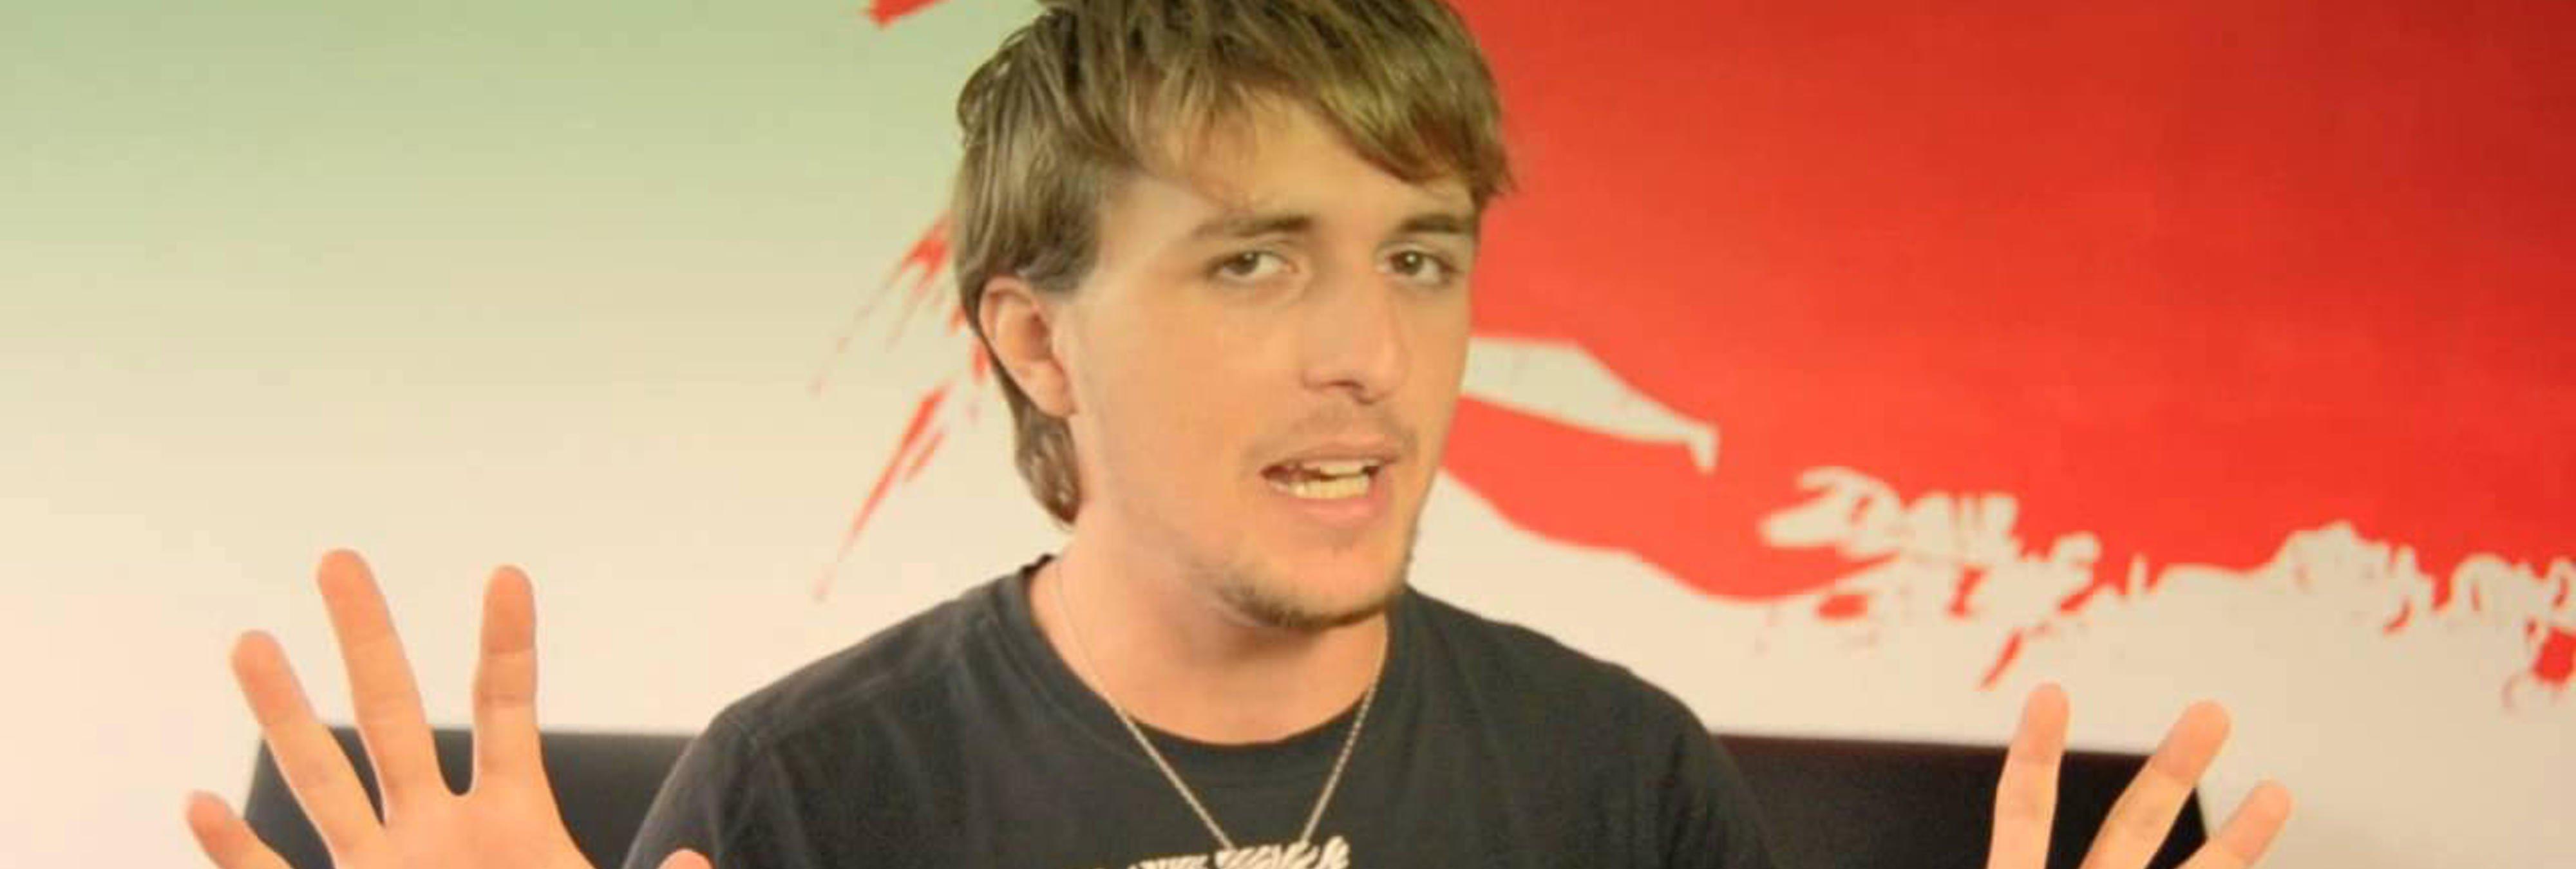 El youtuber Dalas Review protagoniza una nueva polémica con acoso a menores de por medio